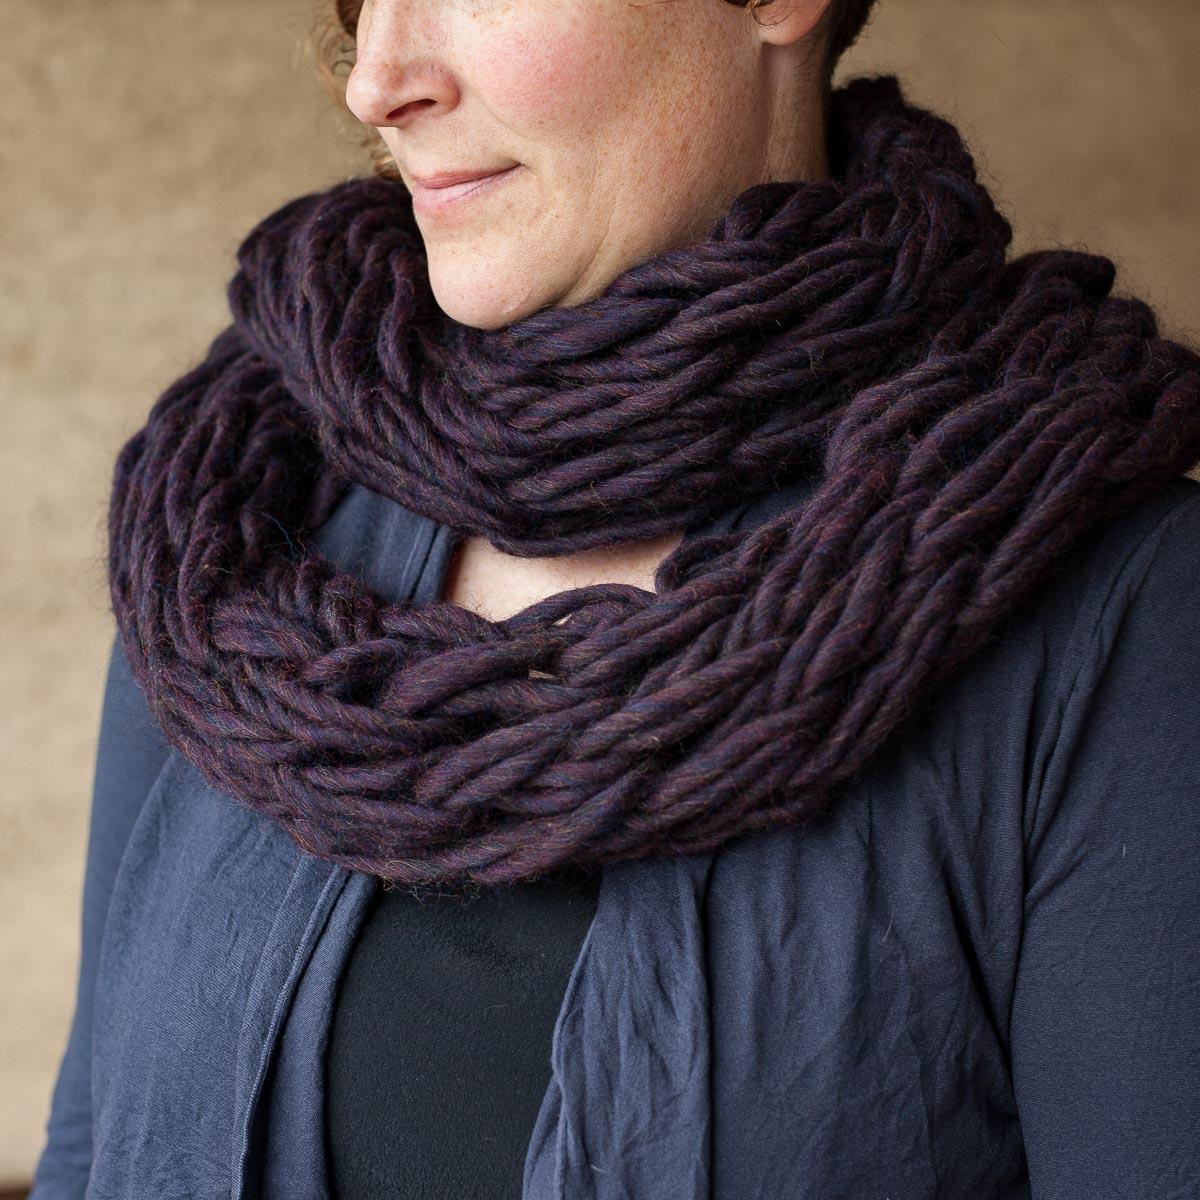 scarf4-2347.jpg